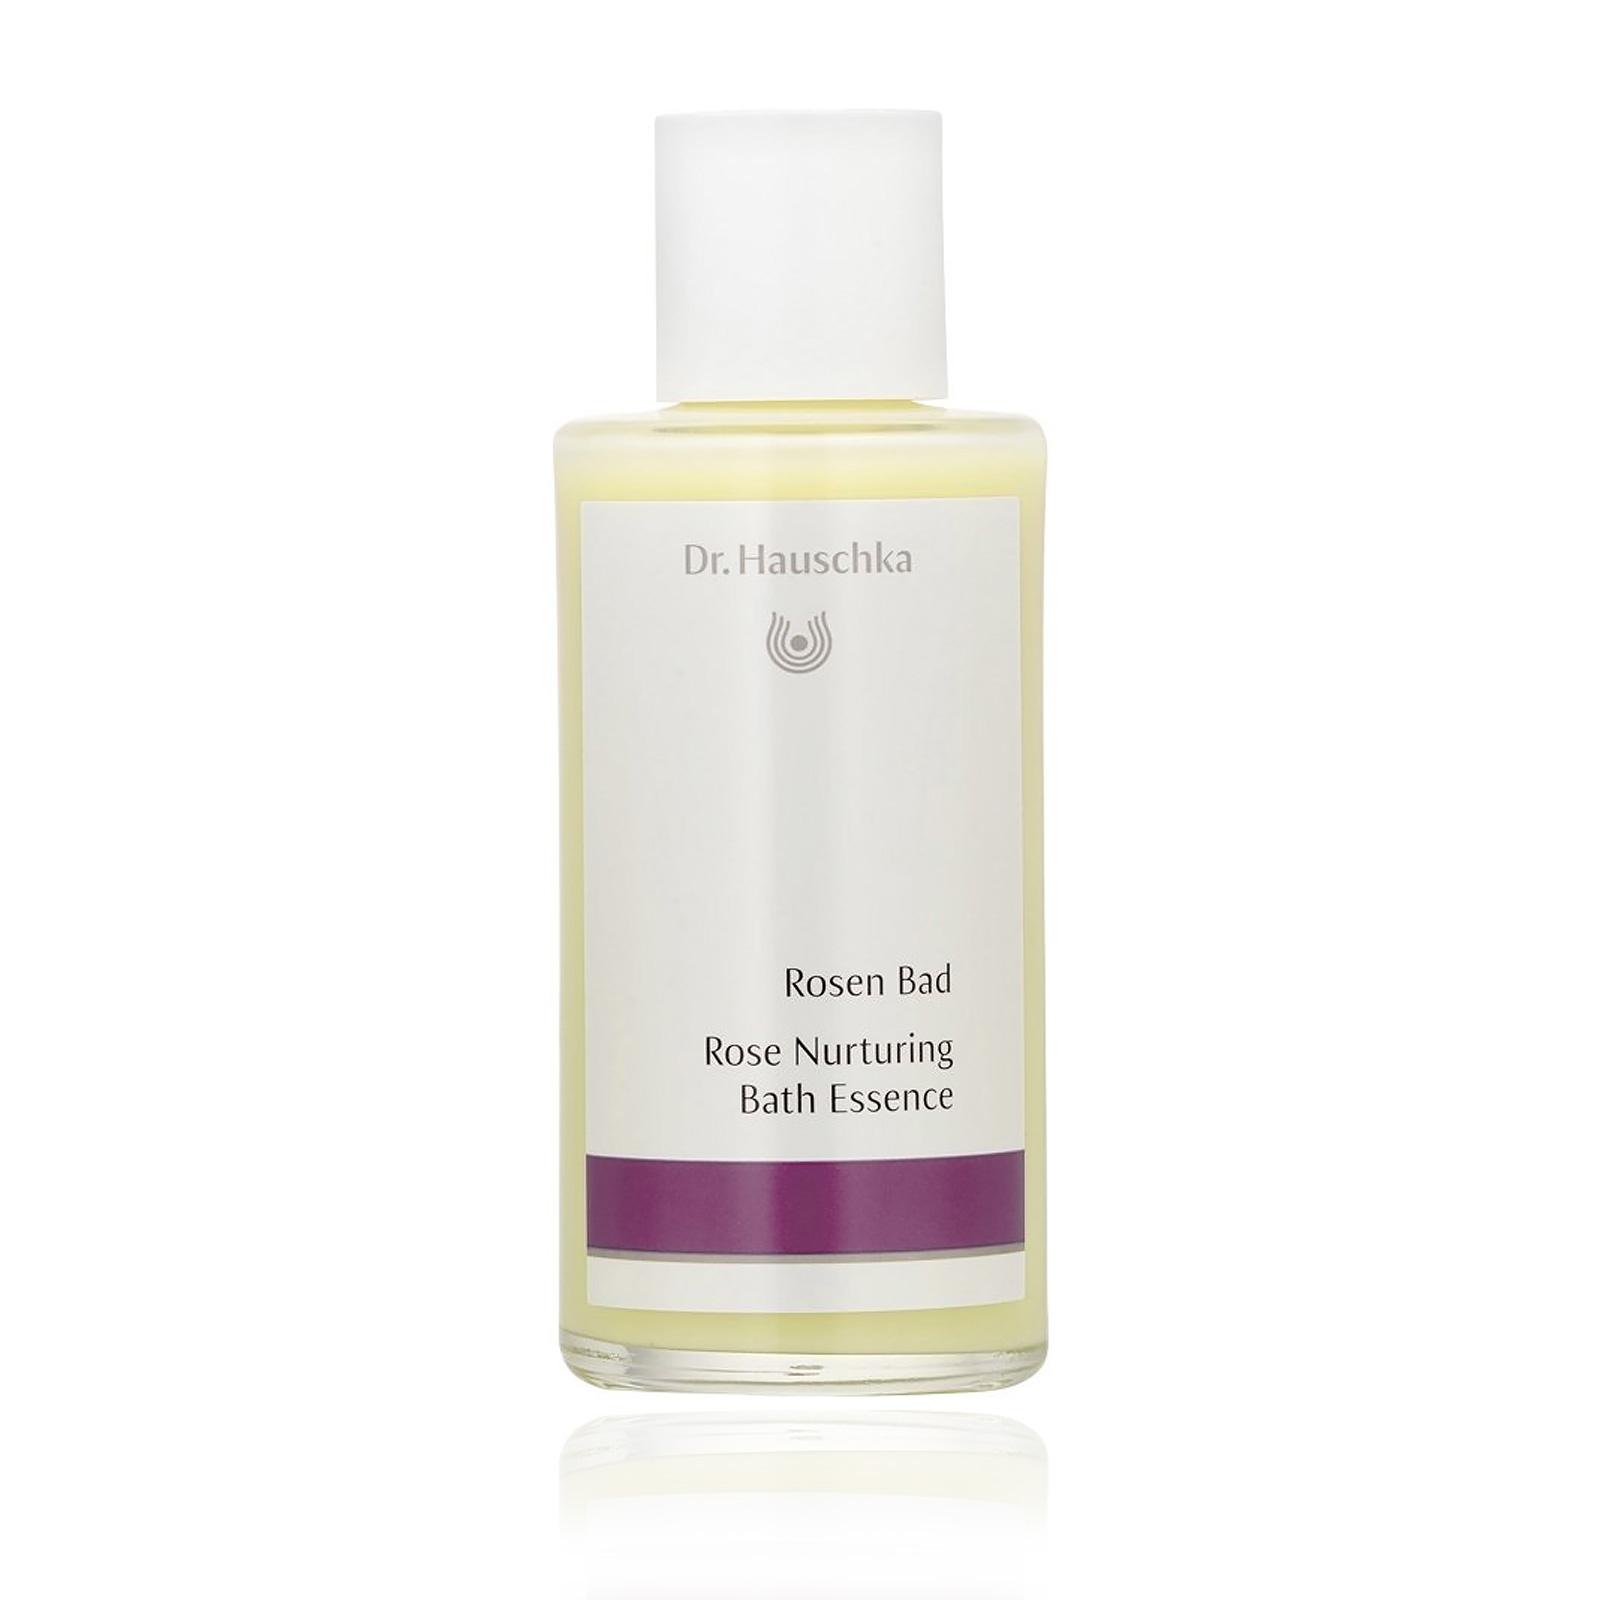 Rose Nurturing Bath Essence (New Version)